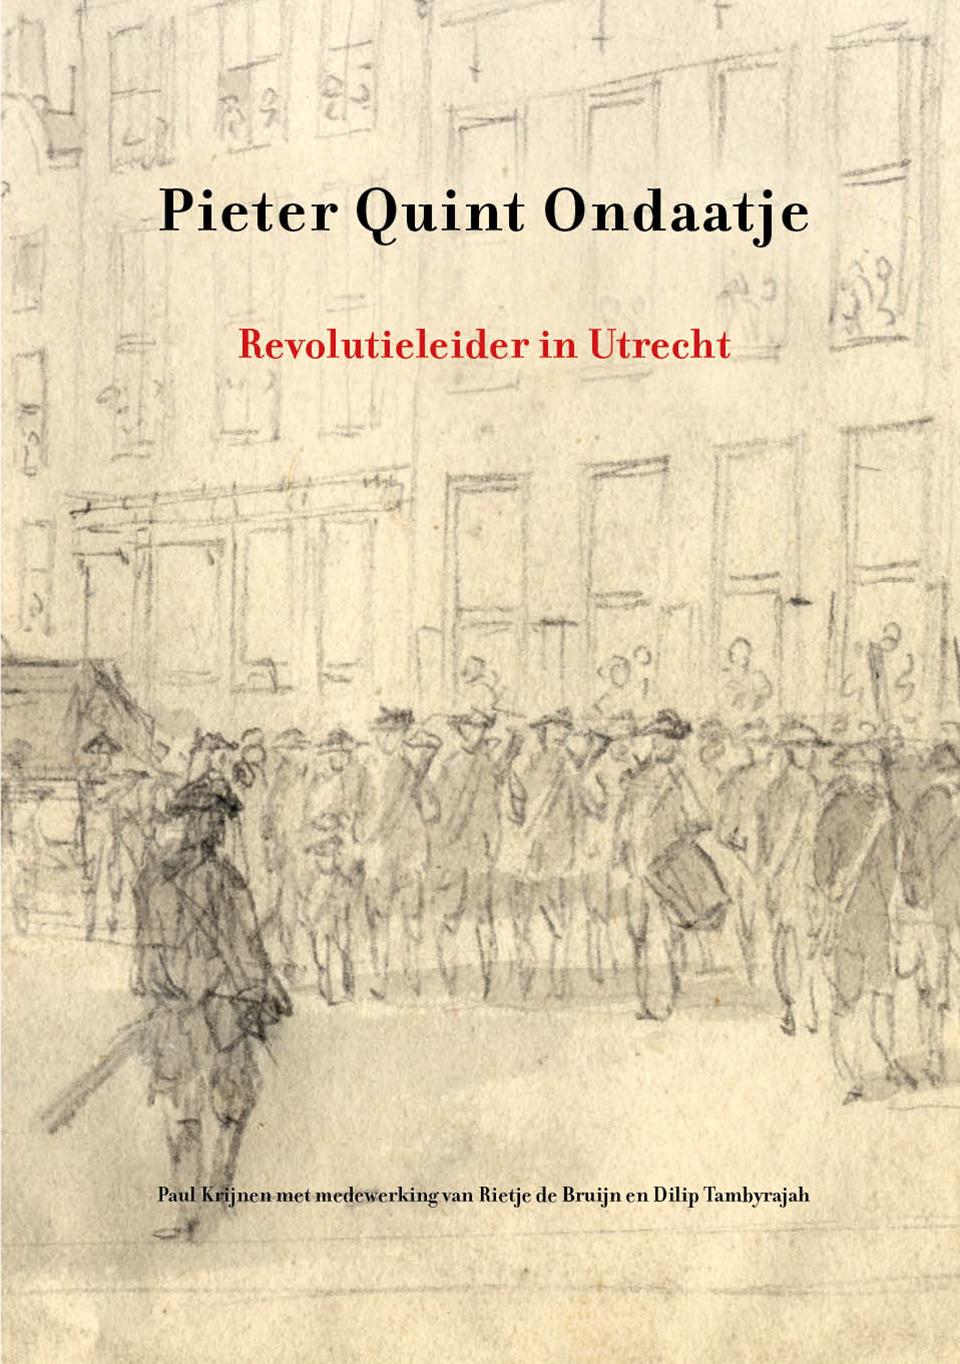 Pieter Quint Ondaatje - Revolutieleider in Utrecht